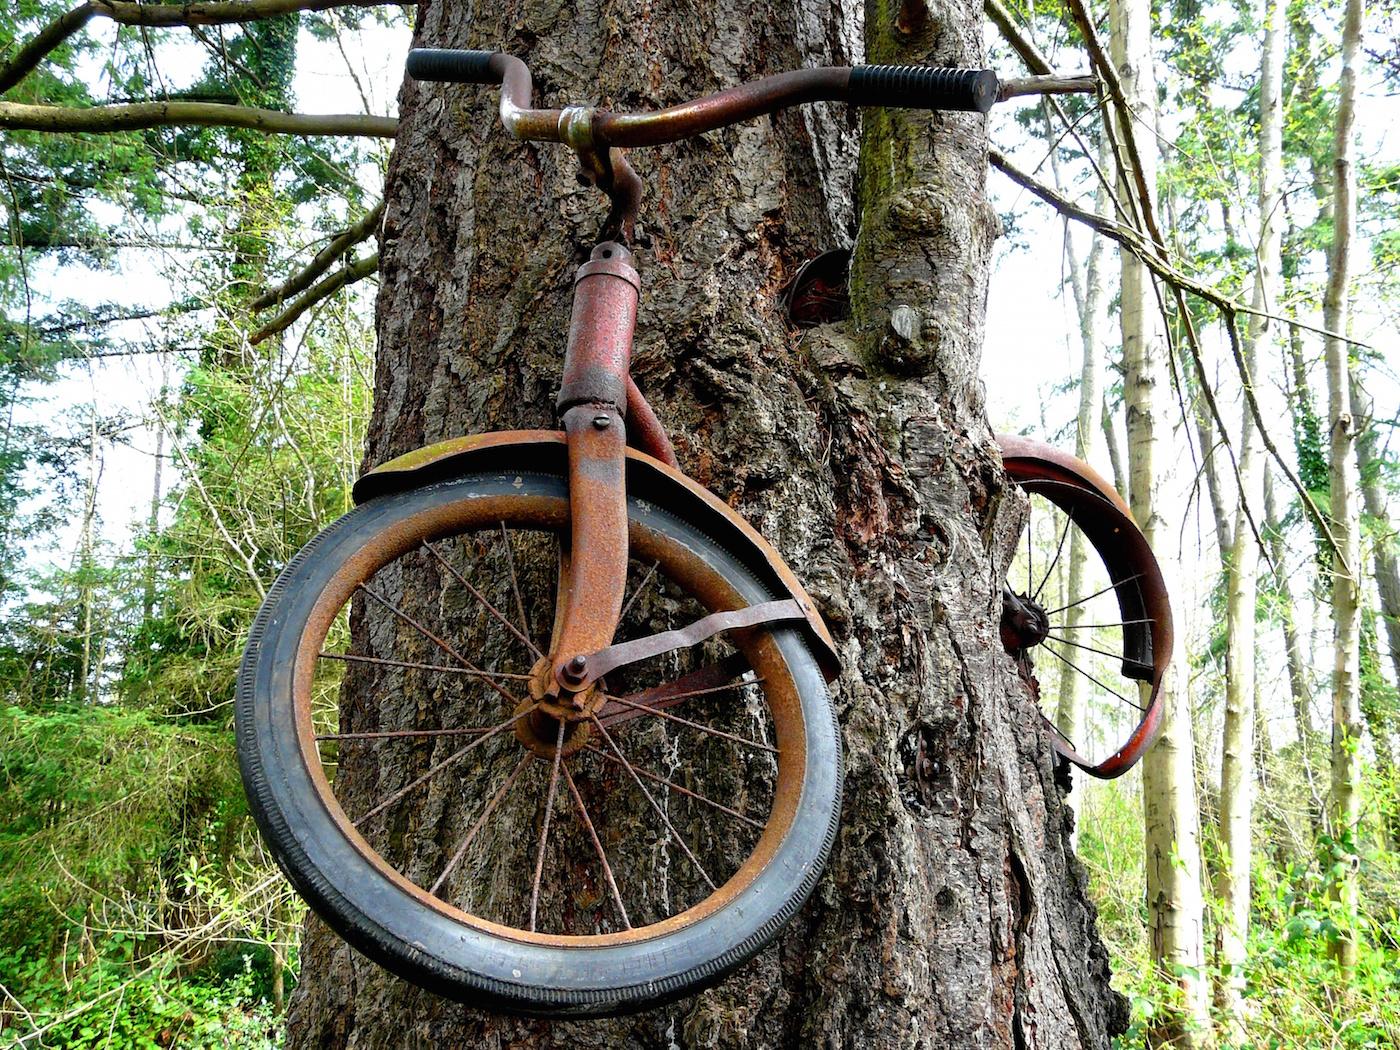 Bike Tree, Vashon Island, India